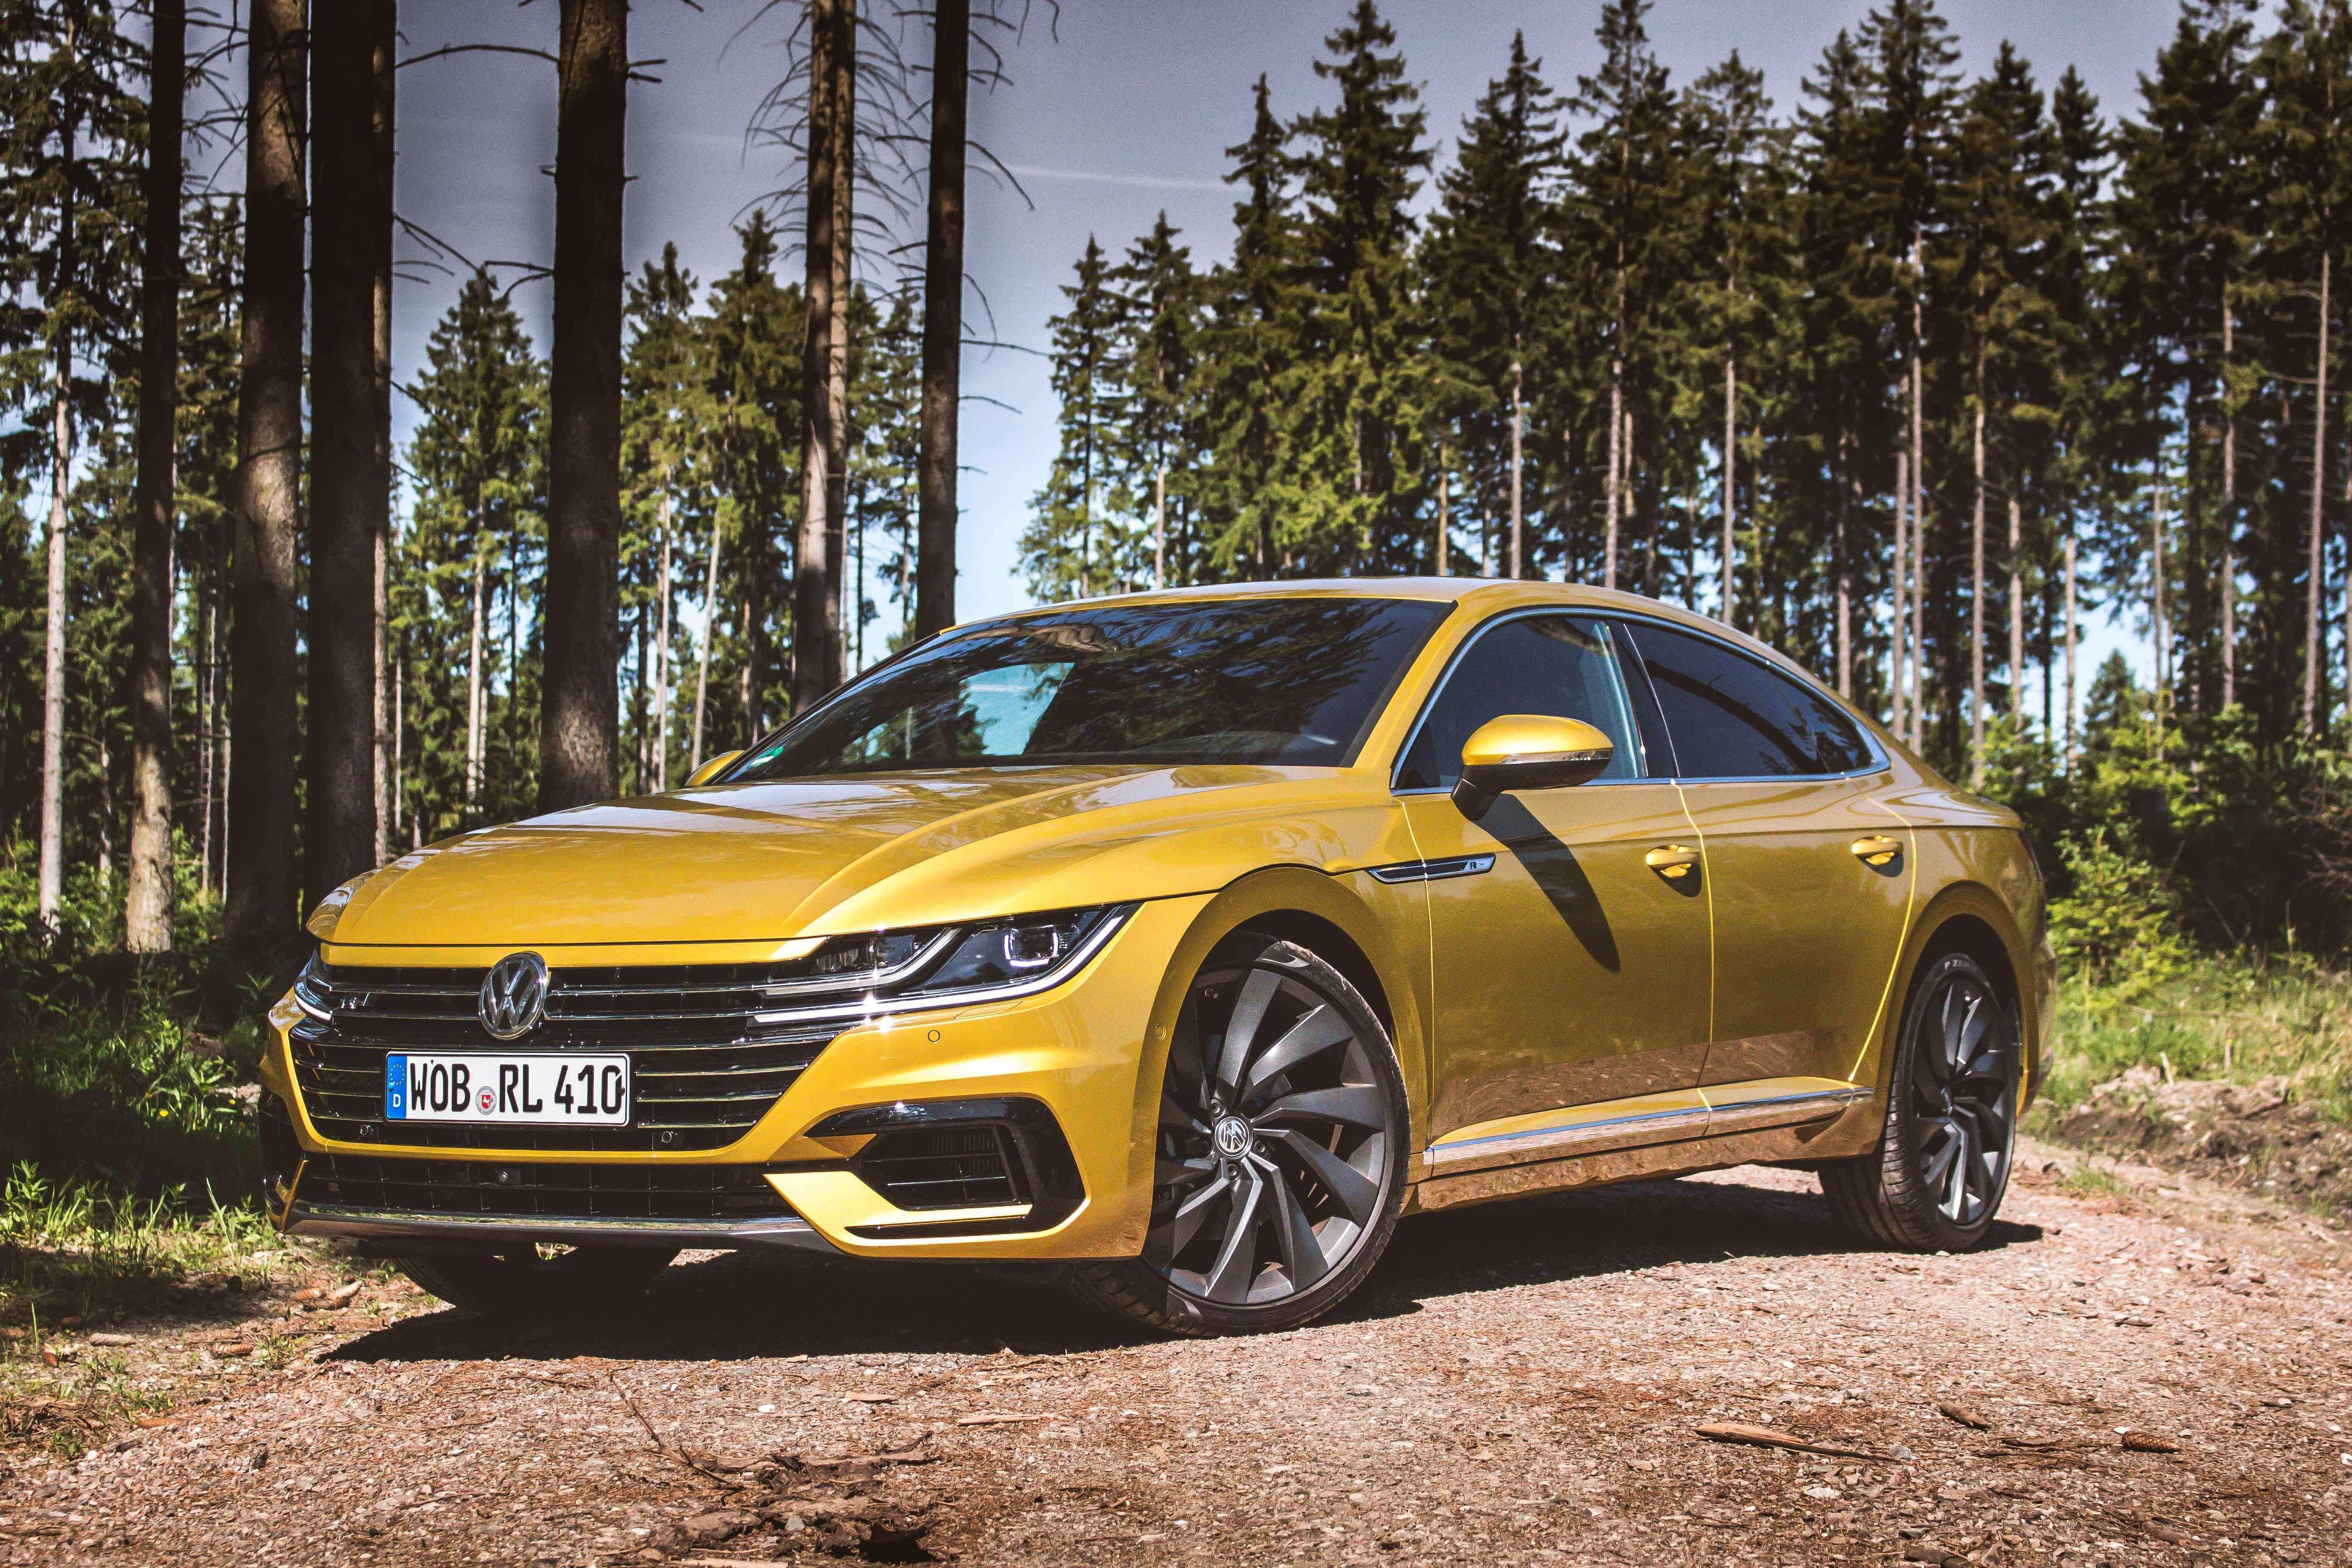 61 Gallery of 2019 Volkswagen Arteon Specs First Drive with 2019 Volkswagen Arteon Specs